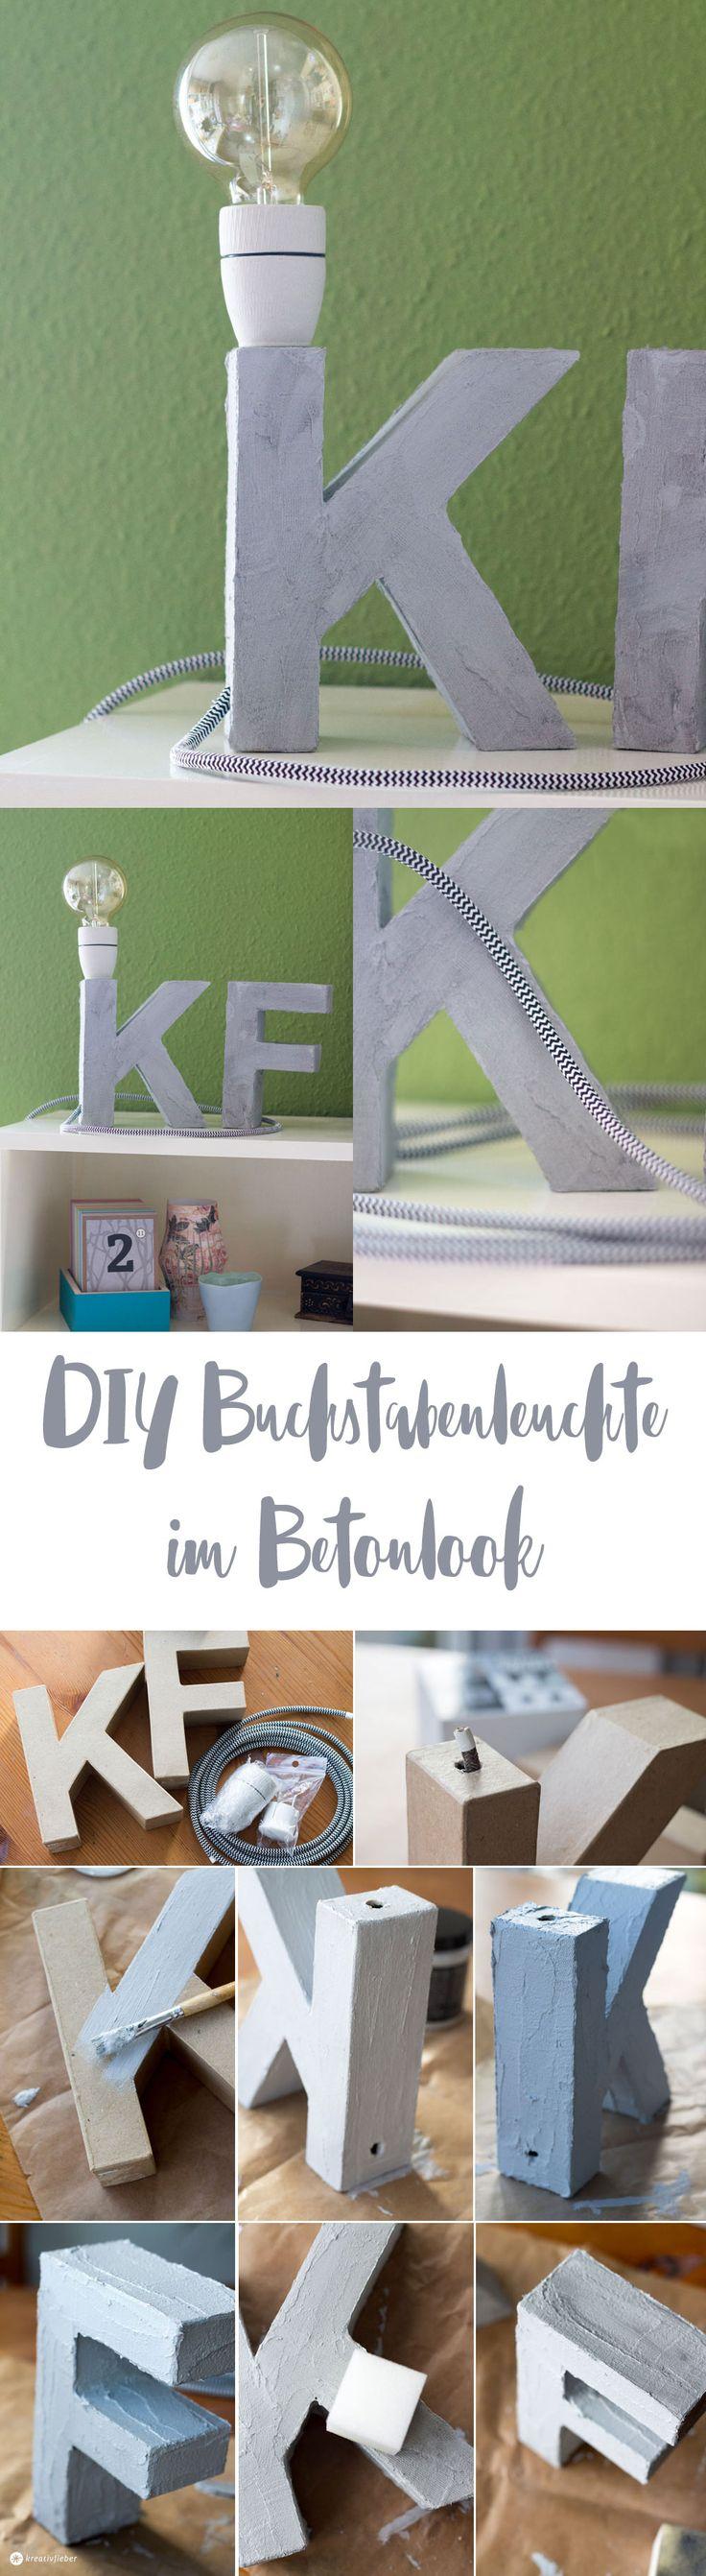 Einzigartig Beton Deko Selber Machen Anleitung Design